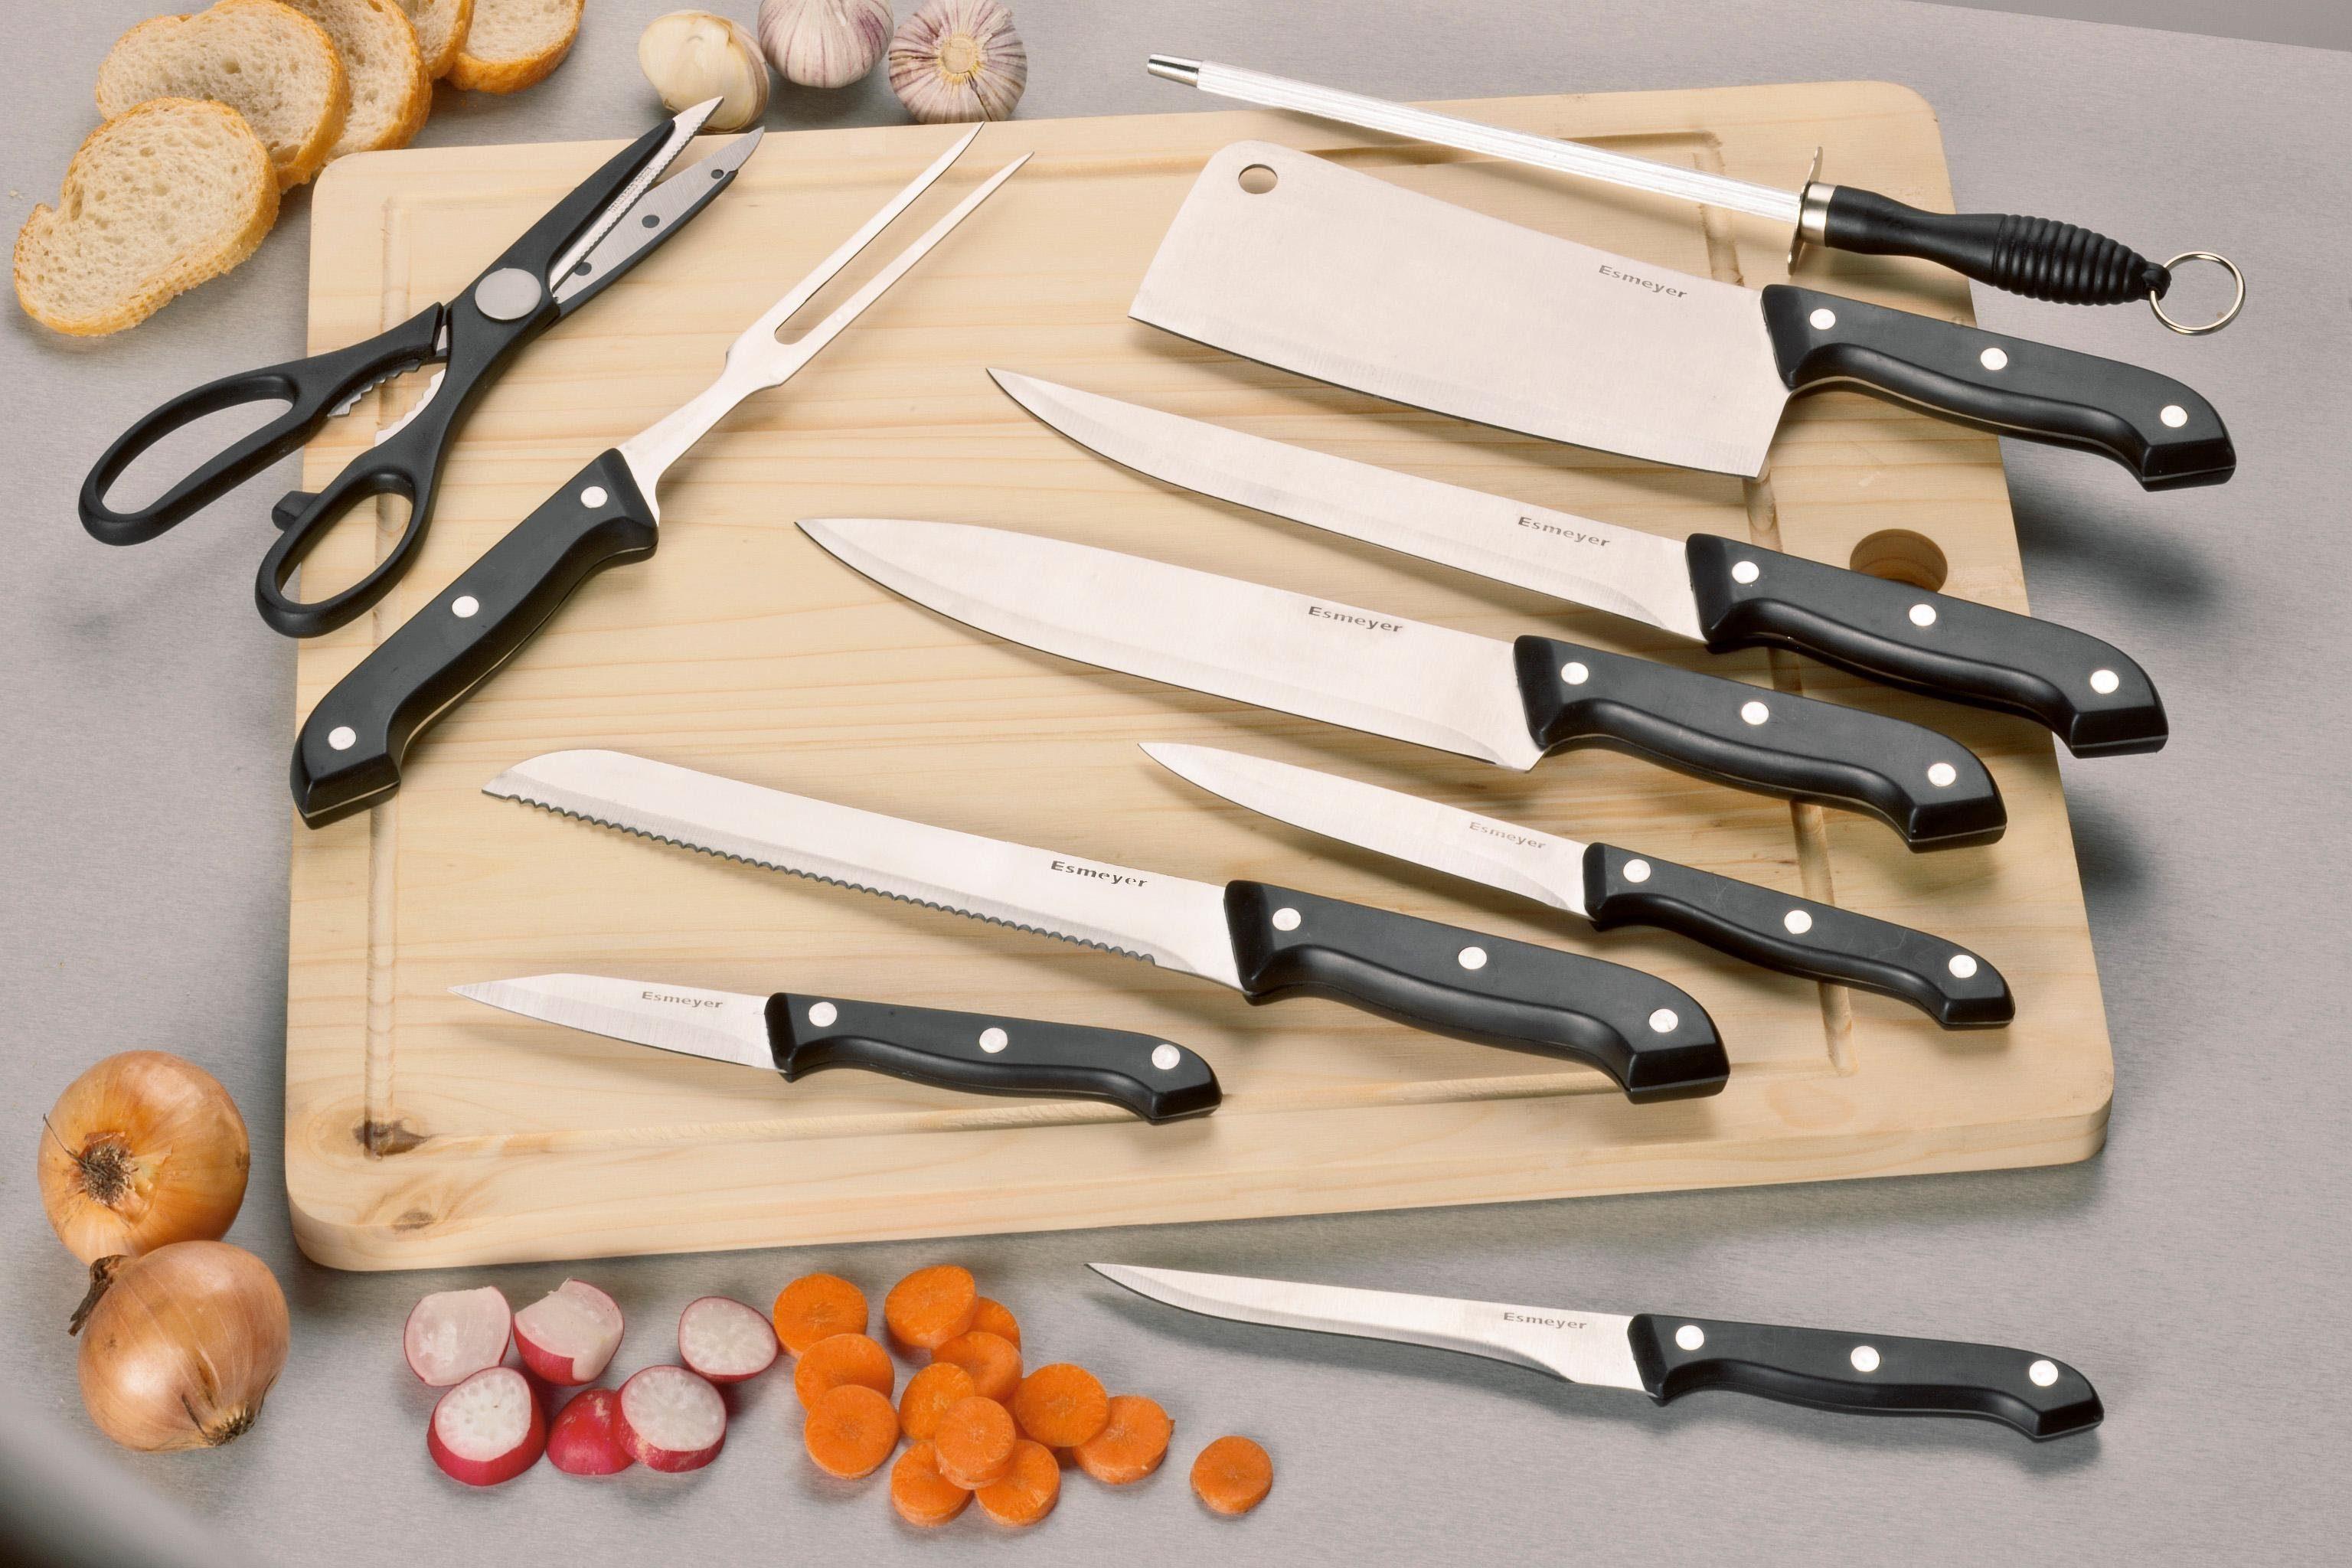 """Esmeyer Messer-Set """"Jupiter"""" (Set 11-tlg) Wohnen/Haushalt/Haushaltswaren/Besteck & Messer/Küchenmesser-Sets/Messer-Sets"""